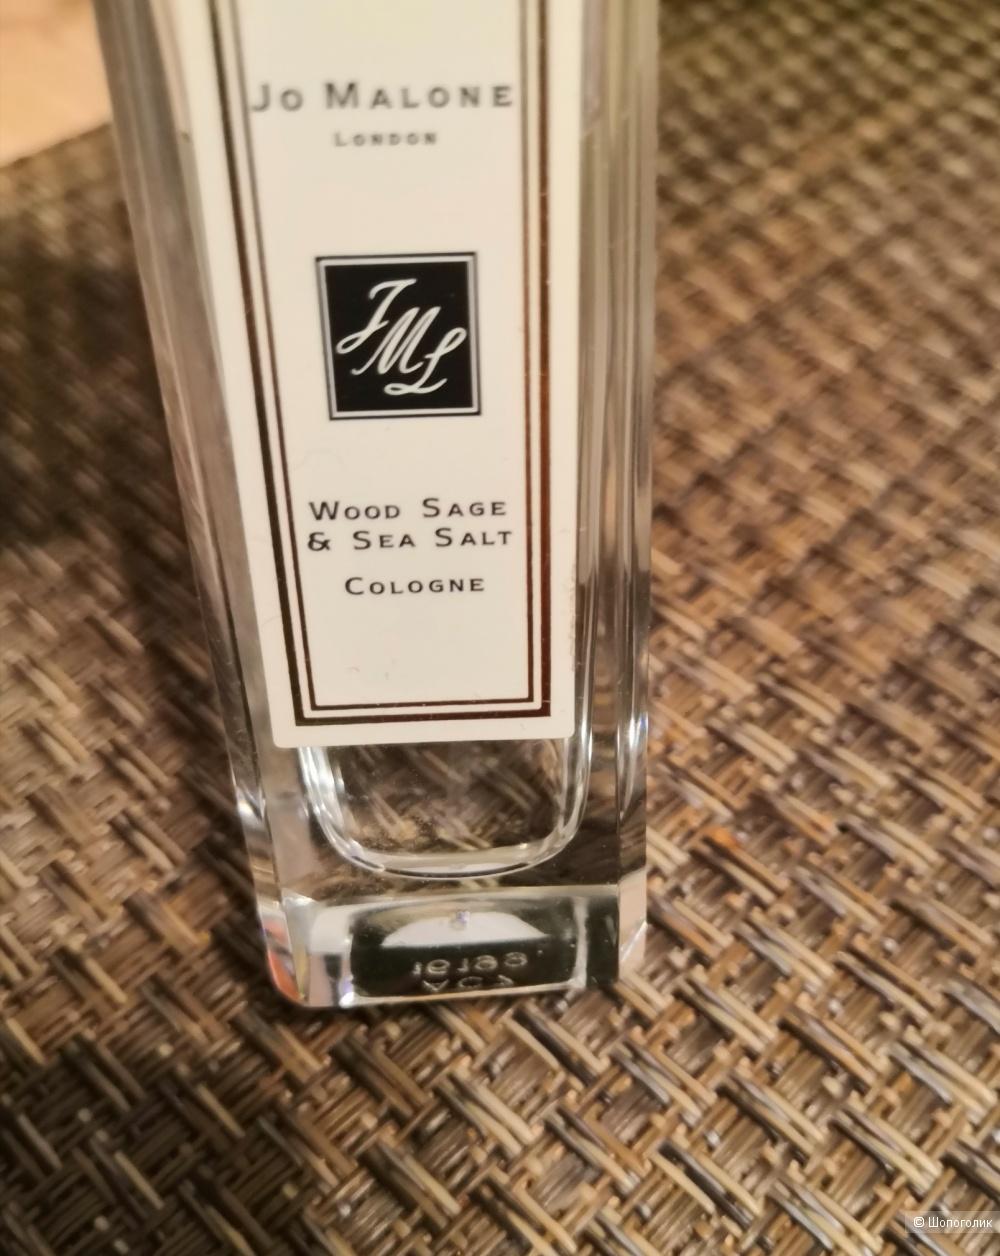 Jo Mаlone Wood sage & sea salt, 30мл.